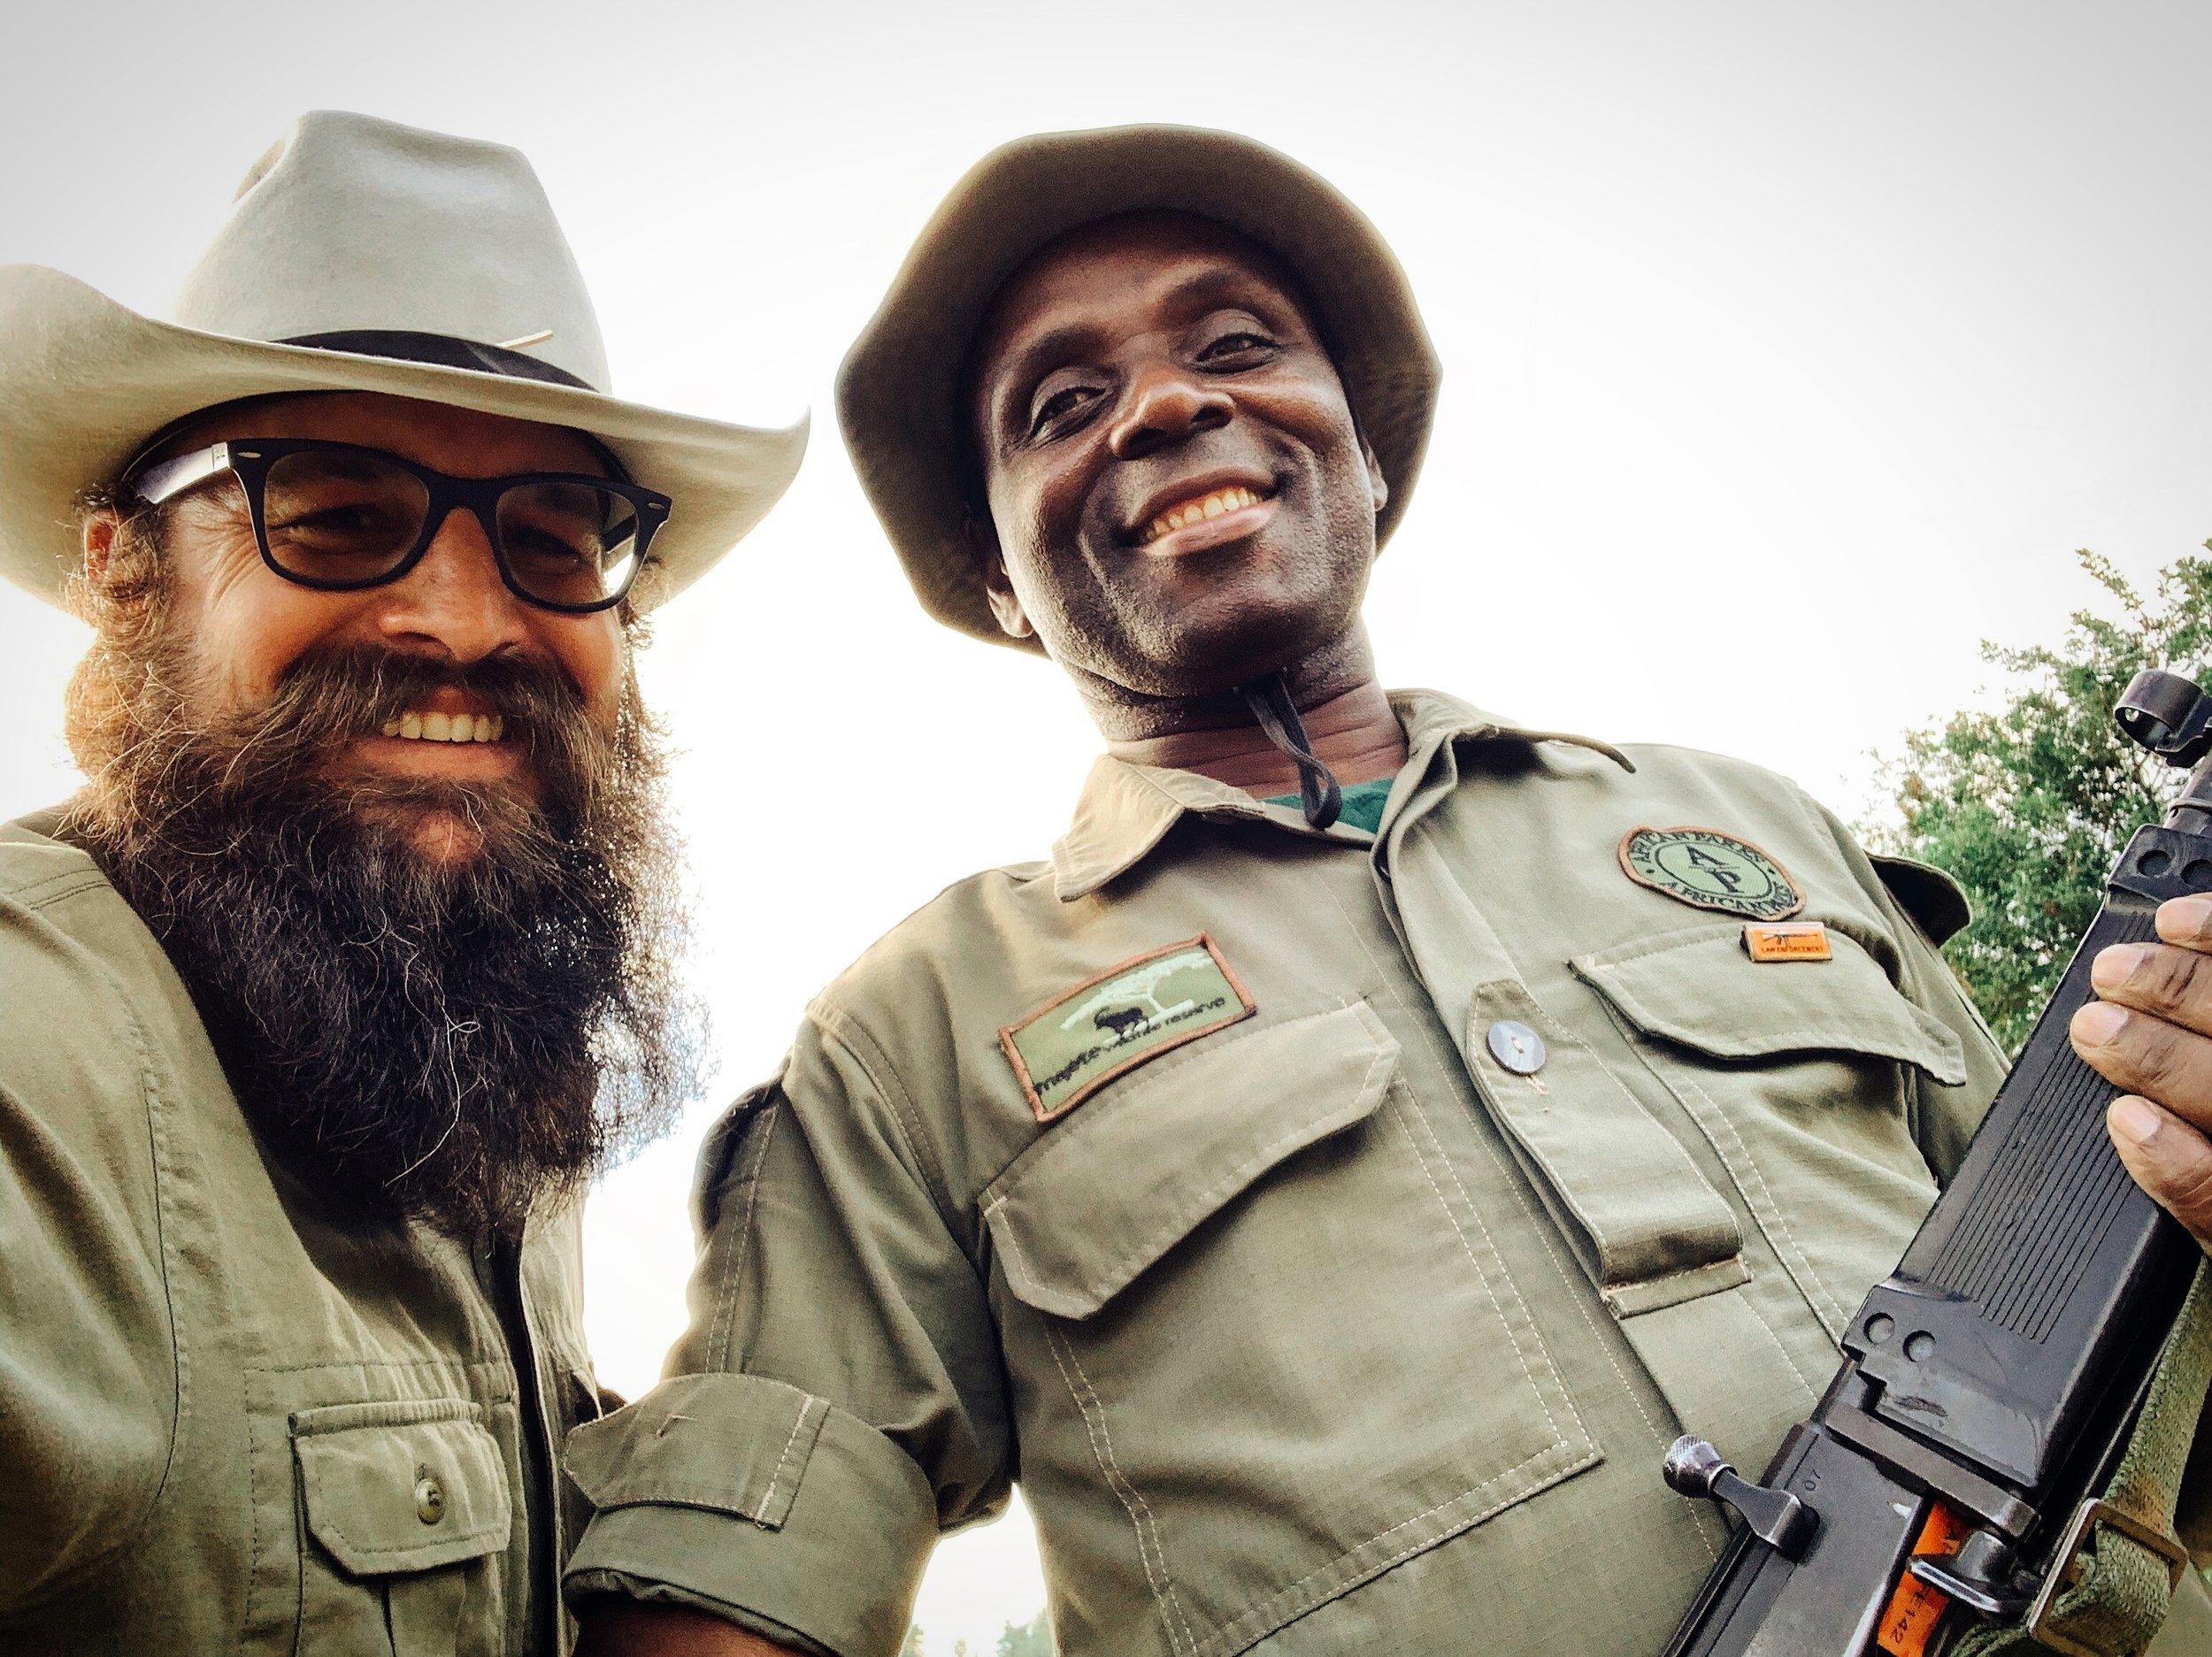 theBlackBearBrand_CowboyHat_inAfrica.JPG